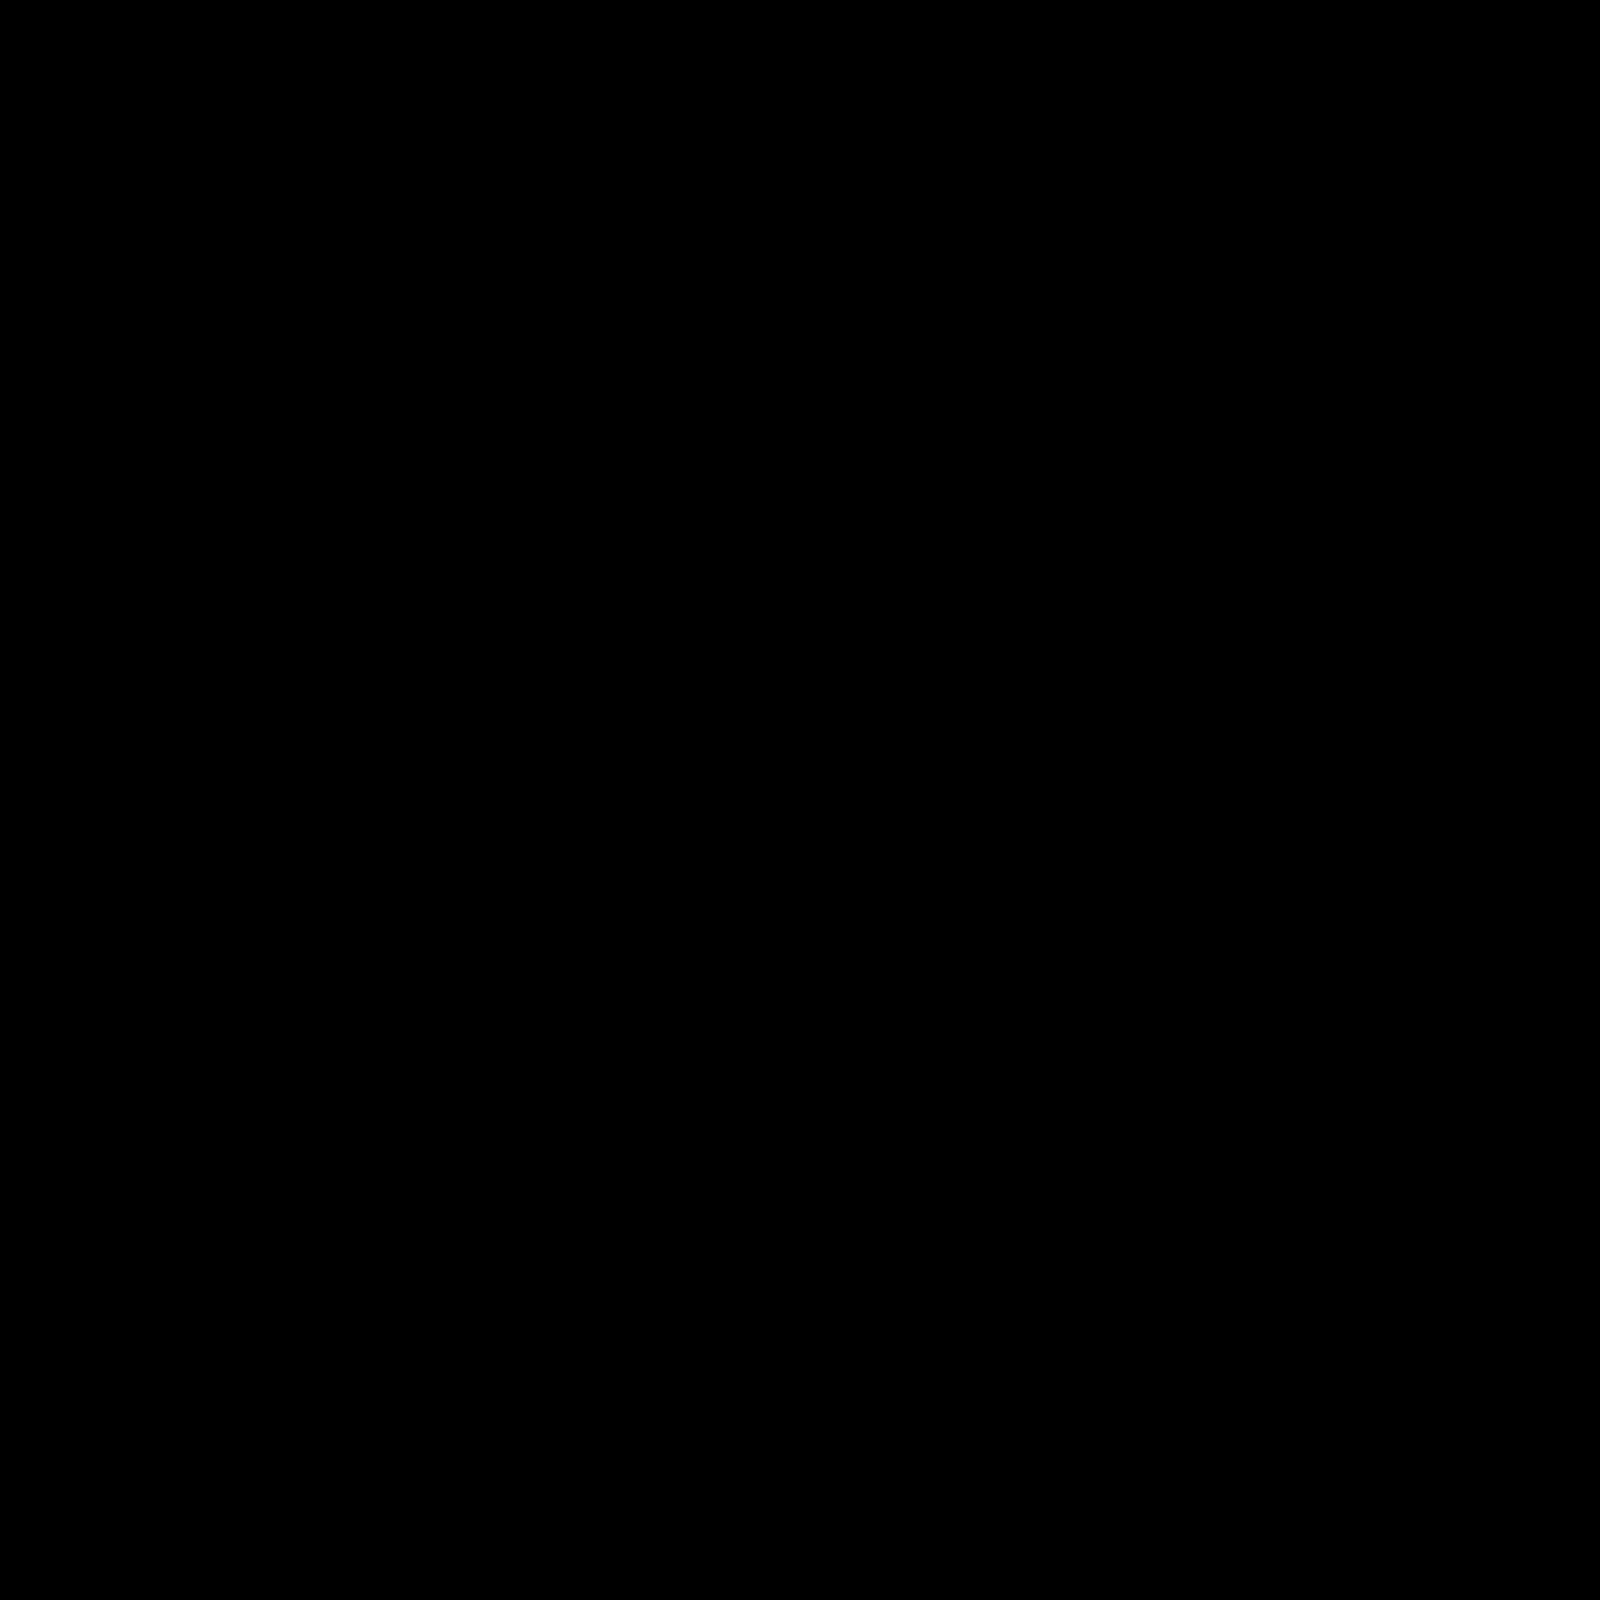 pojazd mechaniczny icon